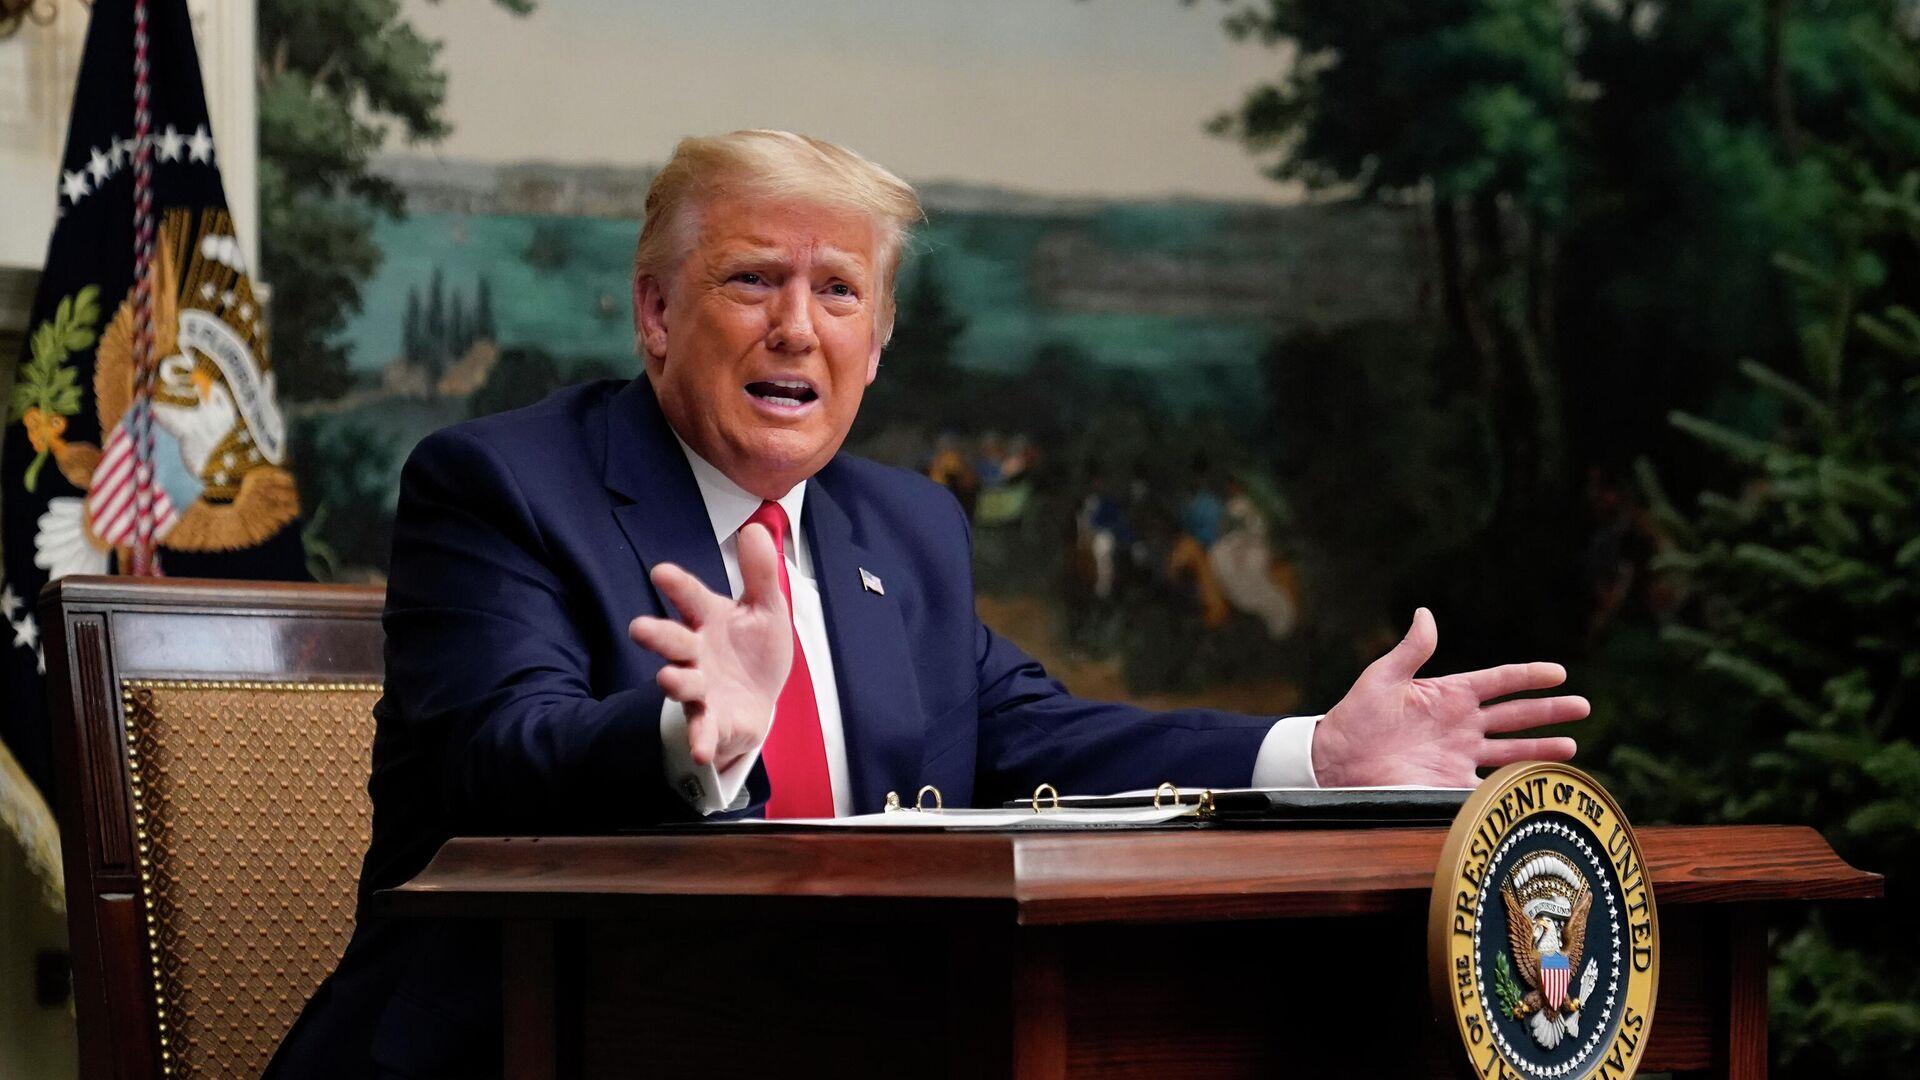 Президент США Дональд Трамп во время телеконференции в Белом доме - РИА Новости, 1920, 27.11.2020